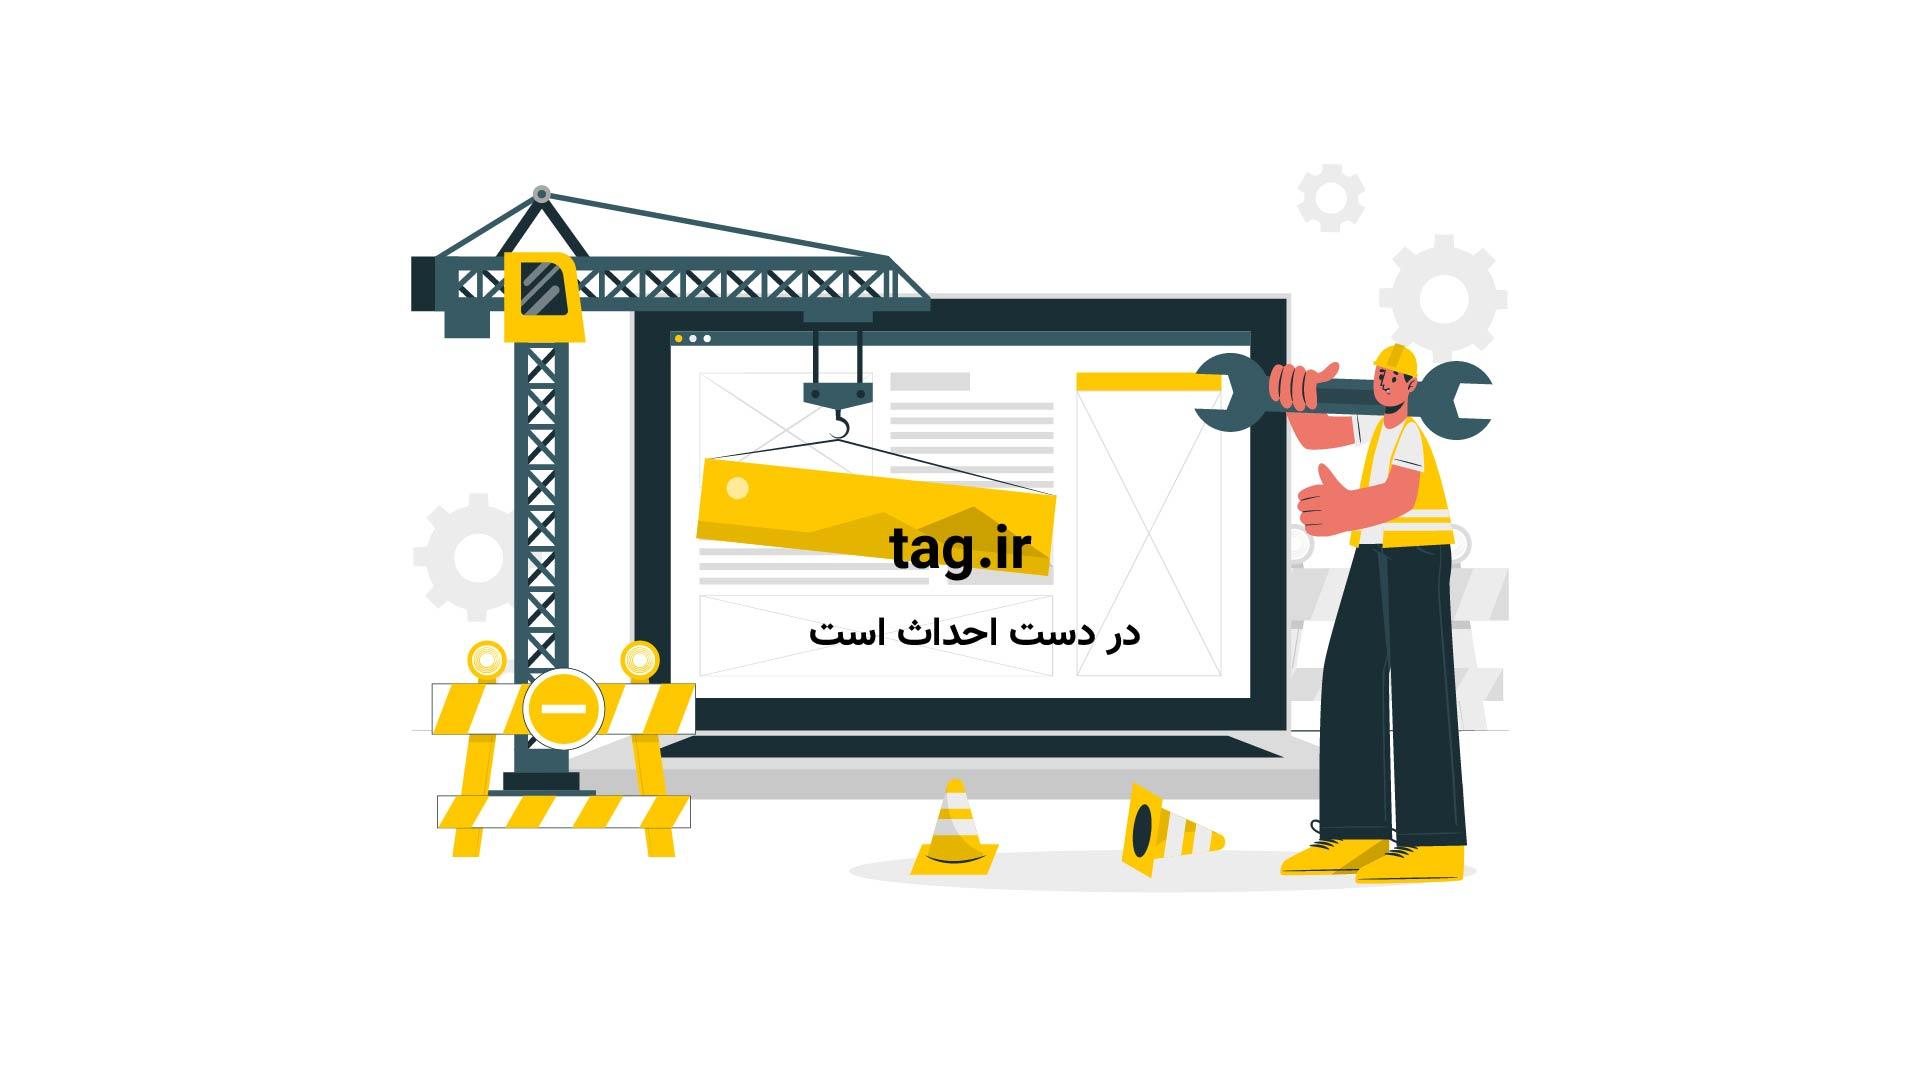 مرثیه خوانی حاج مهدی رسولی در هیئت ثارالله | فیلم